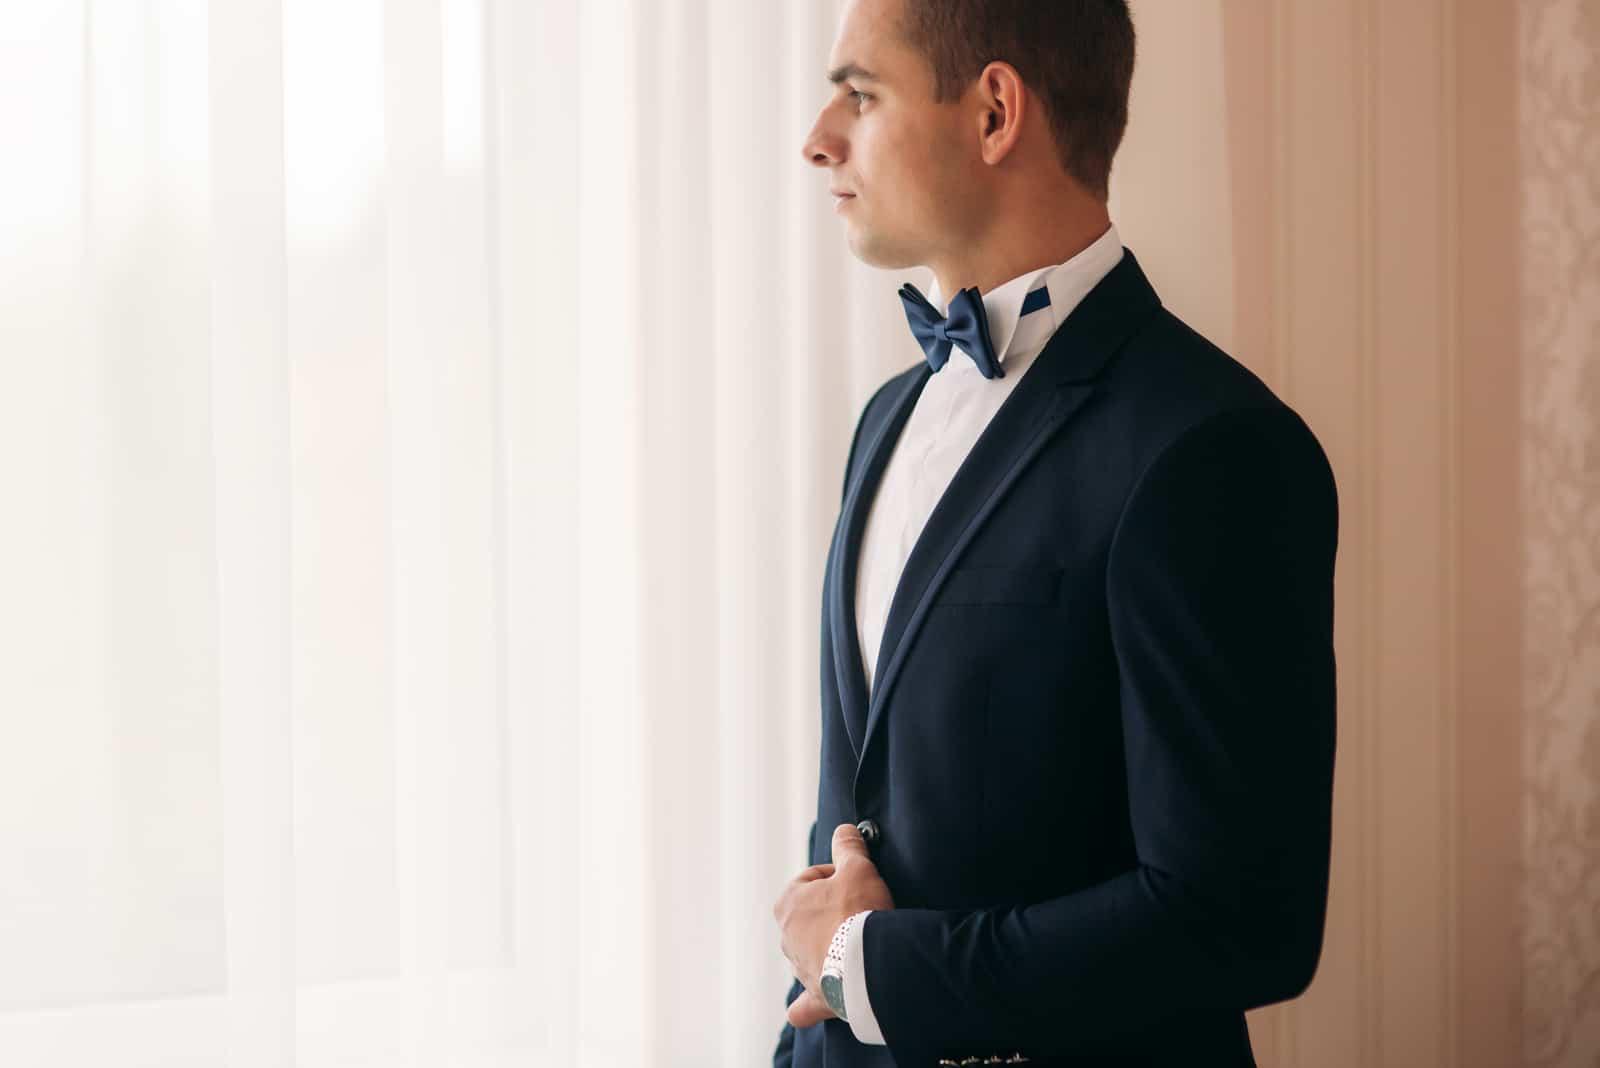 Der Bräutigam steht am Fenster